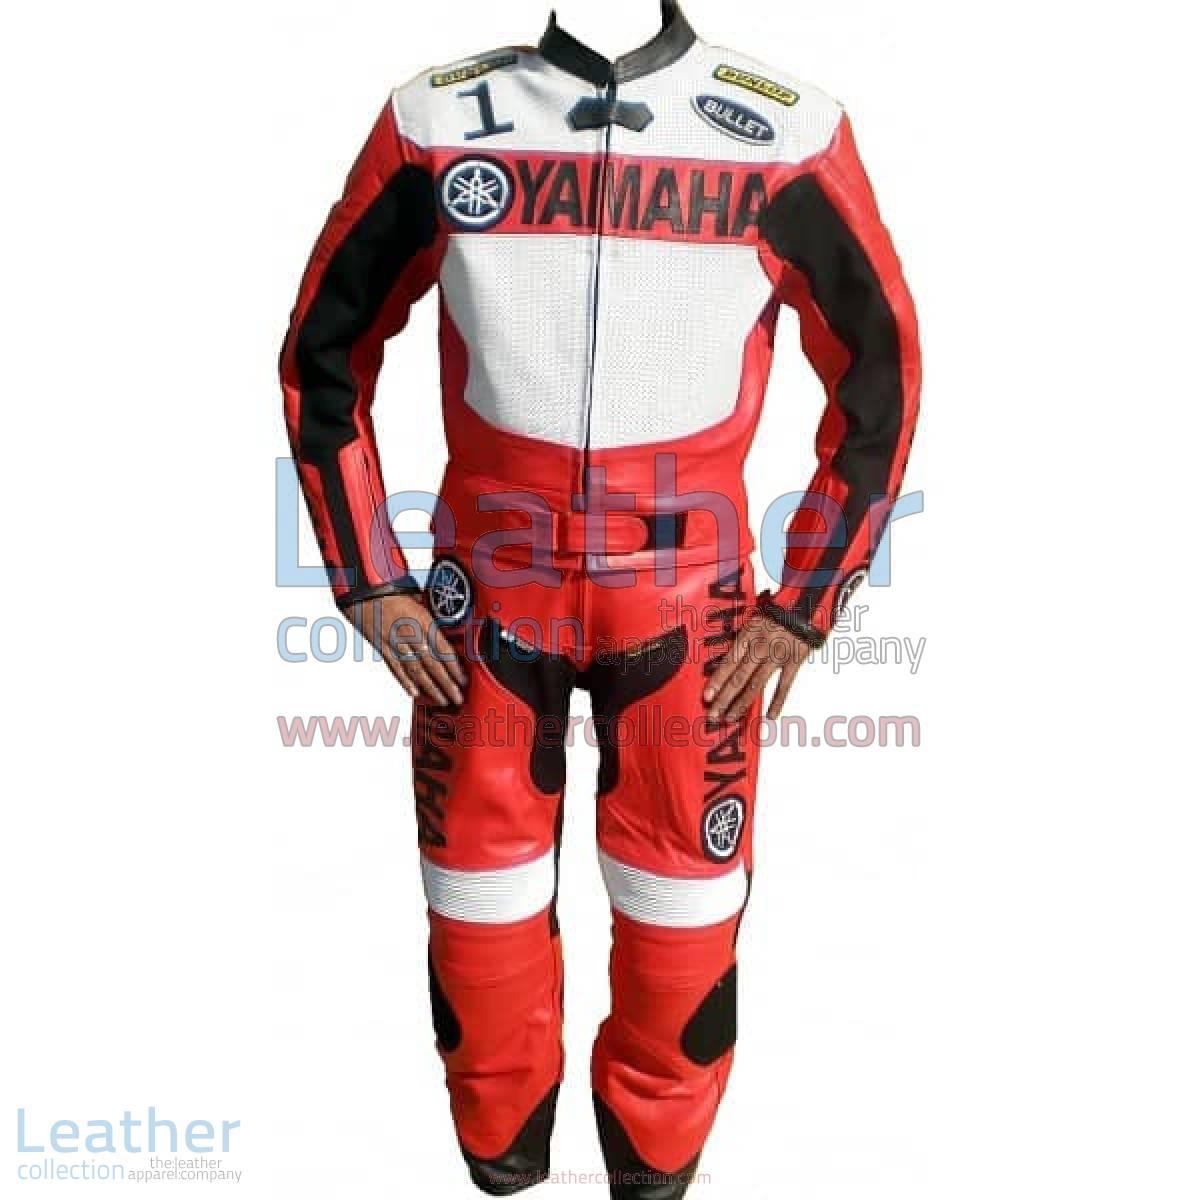 Yamaha Motorbike Leather Suit Red / White